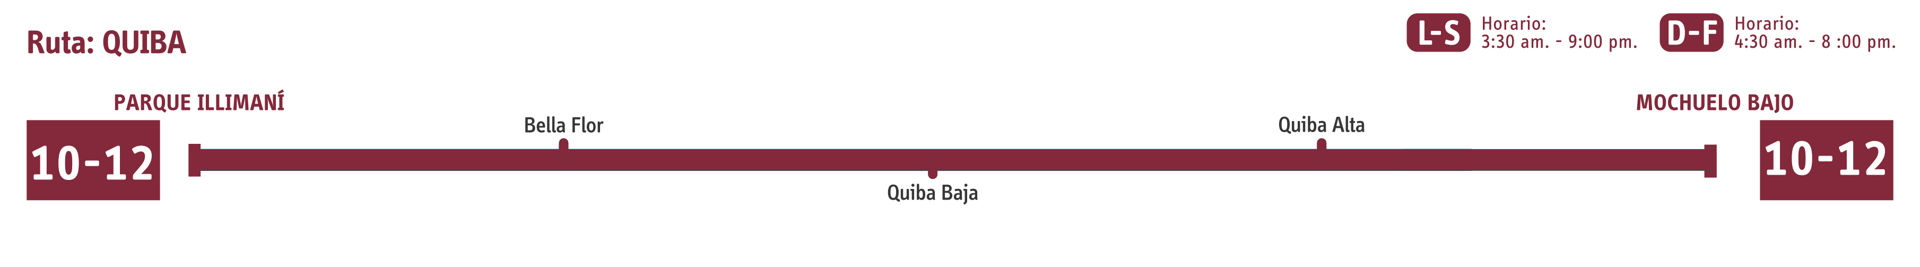 Ruta SITP: 10-12 Quiba [Especial] 3